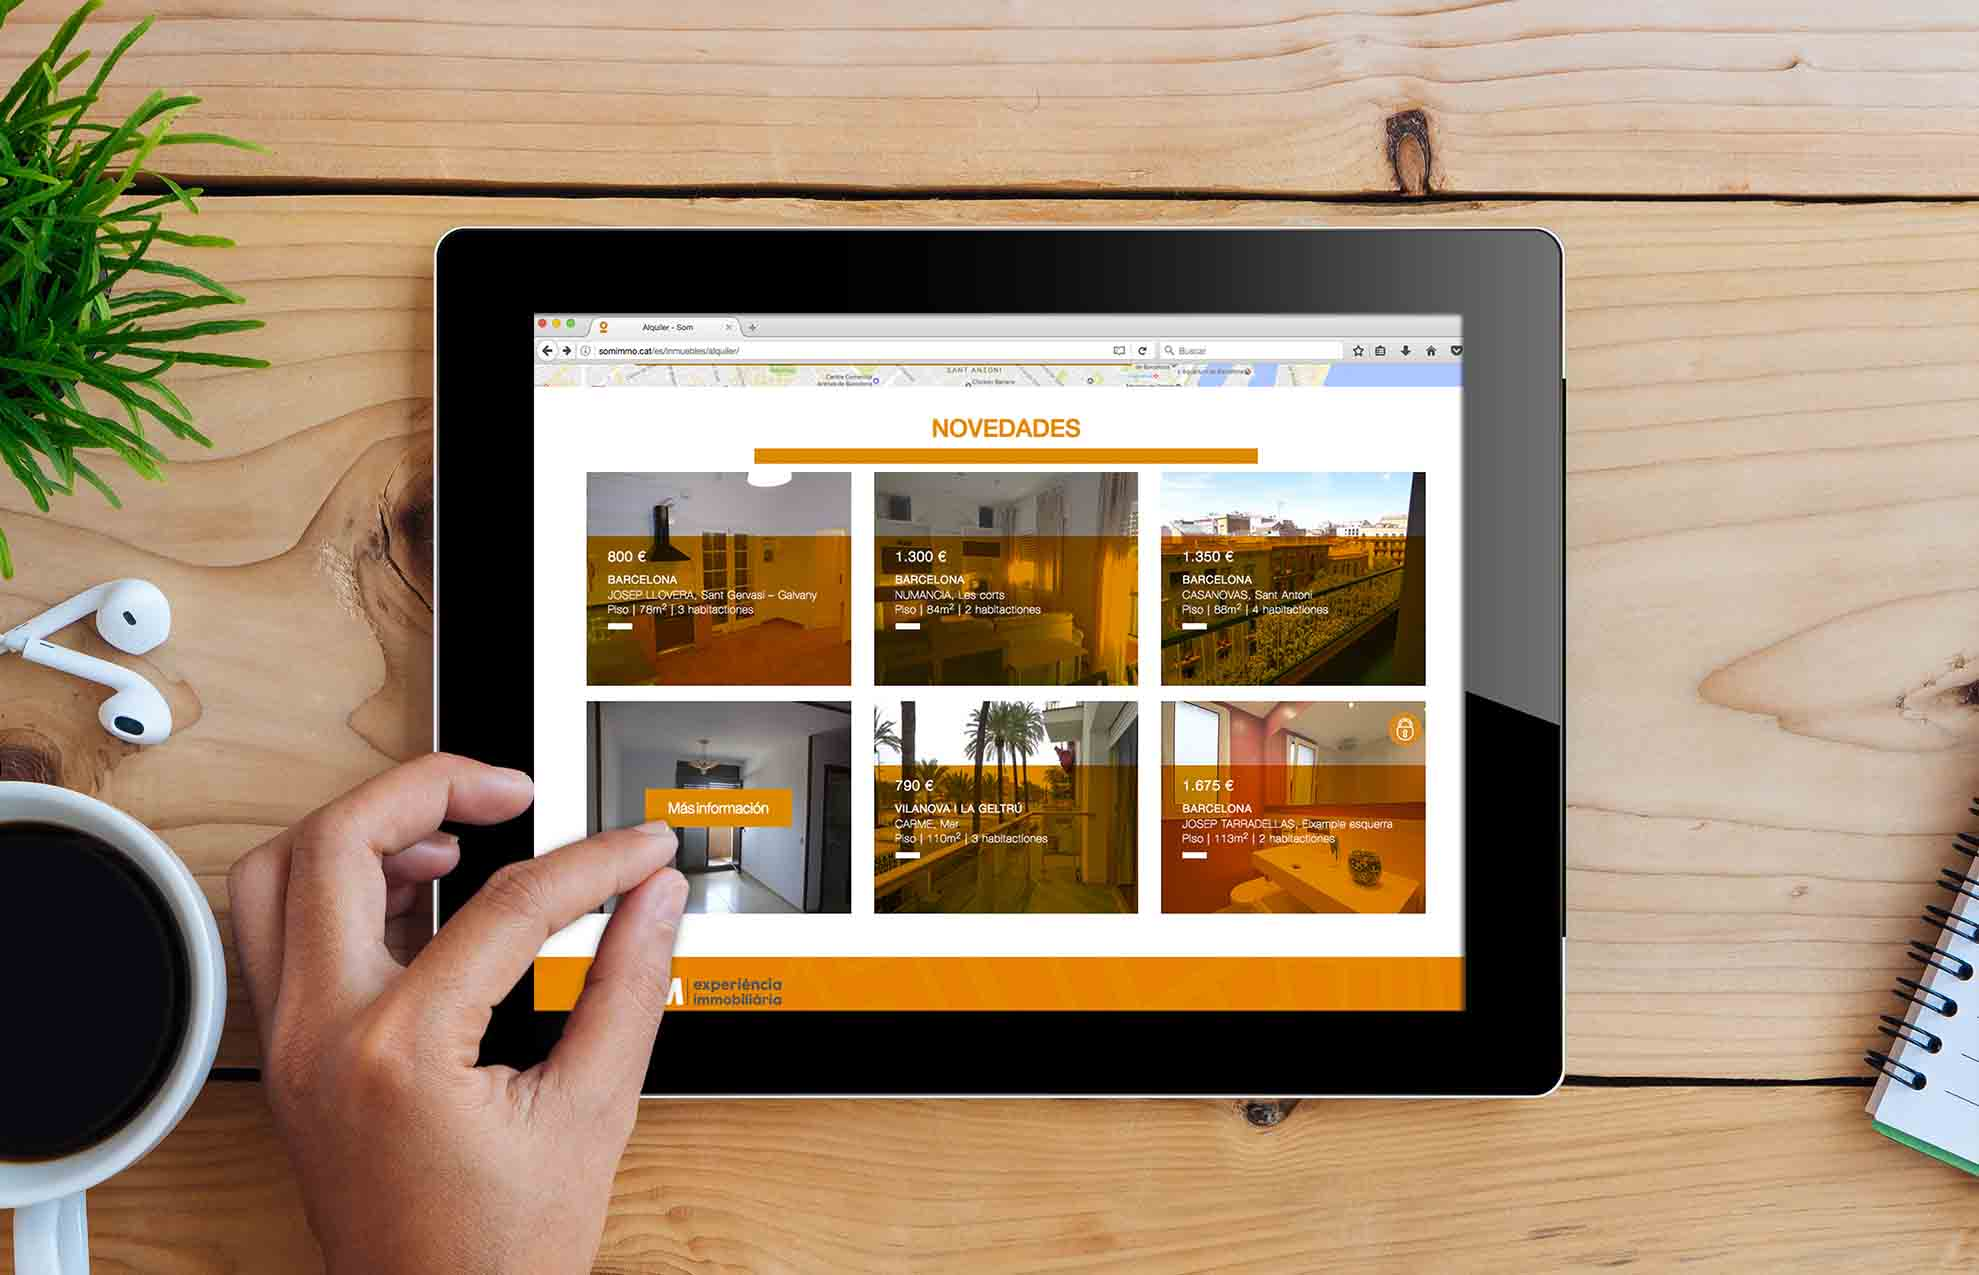 disseny web inmobiliaria barcelona - Proyecto de comunicación, diseño y branding 360º